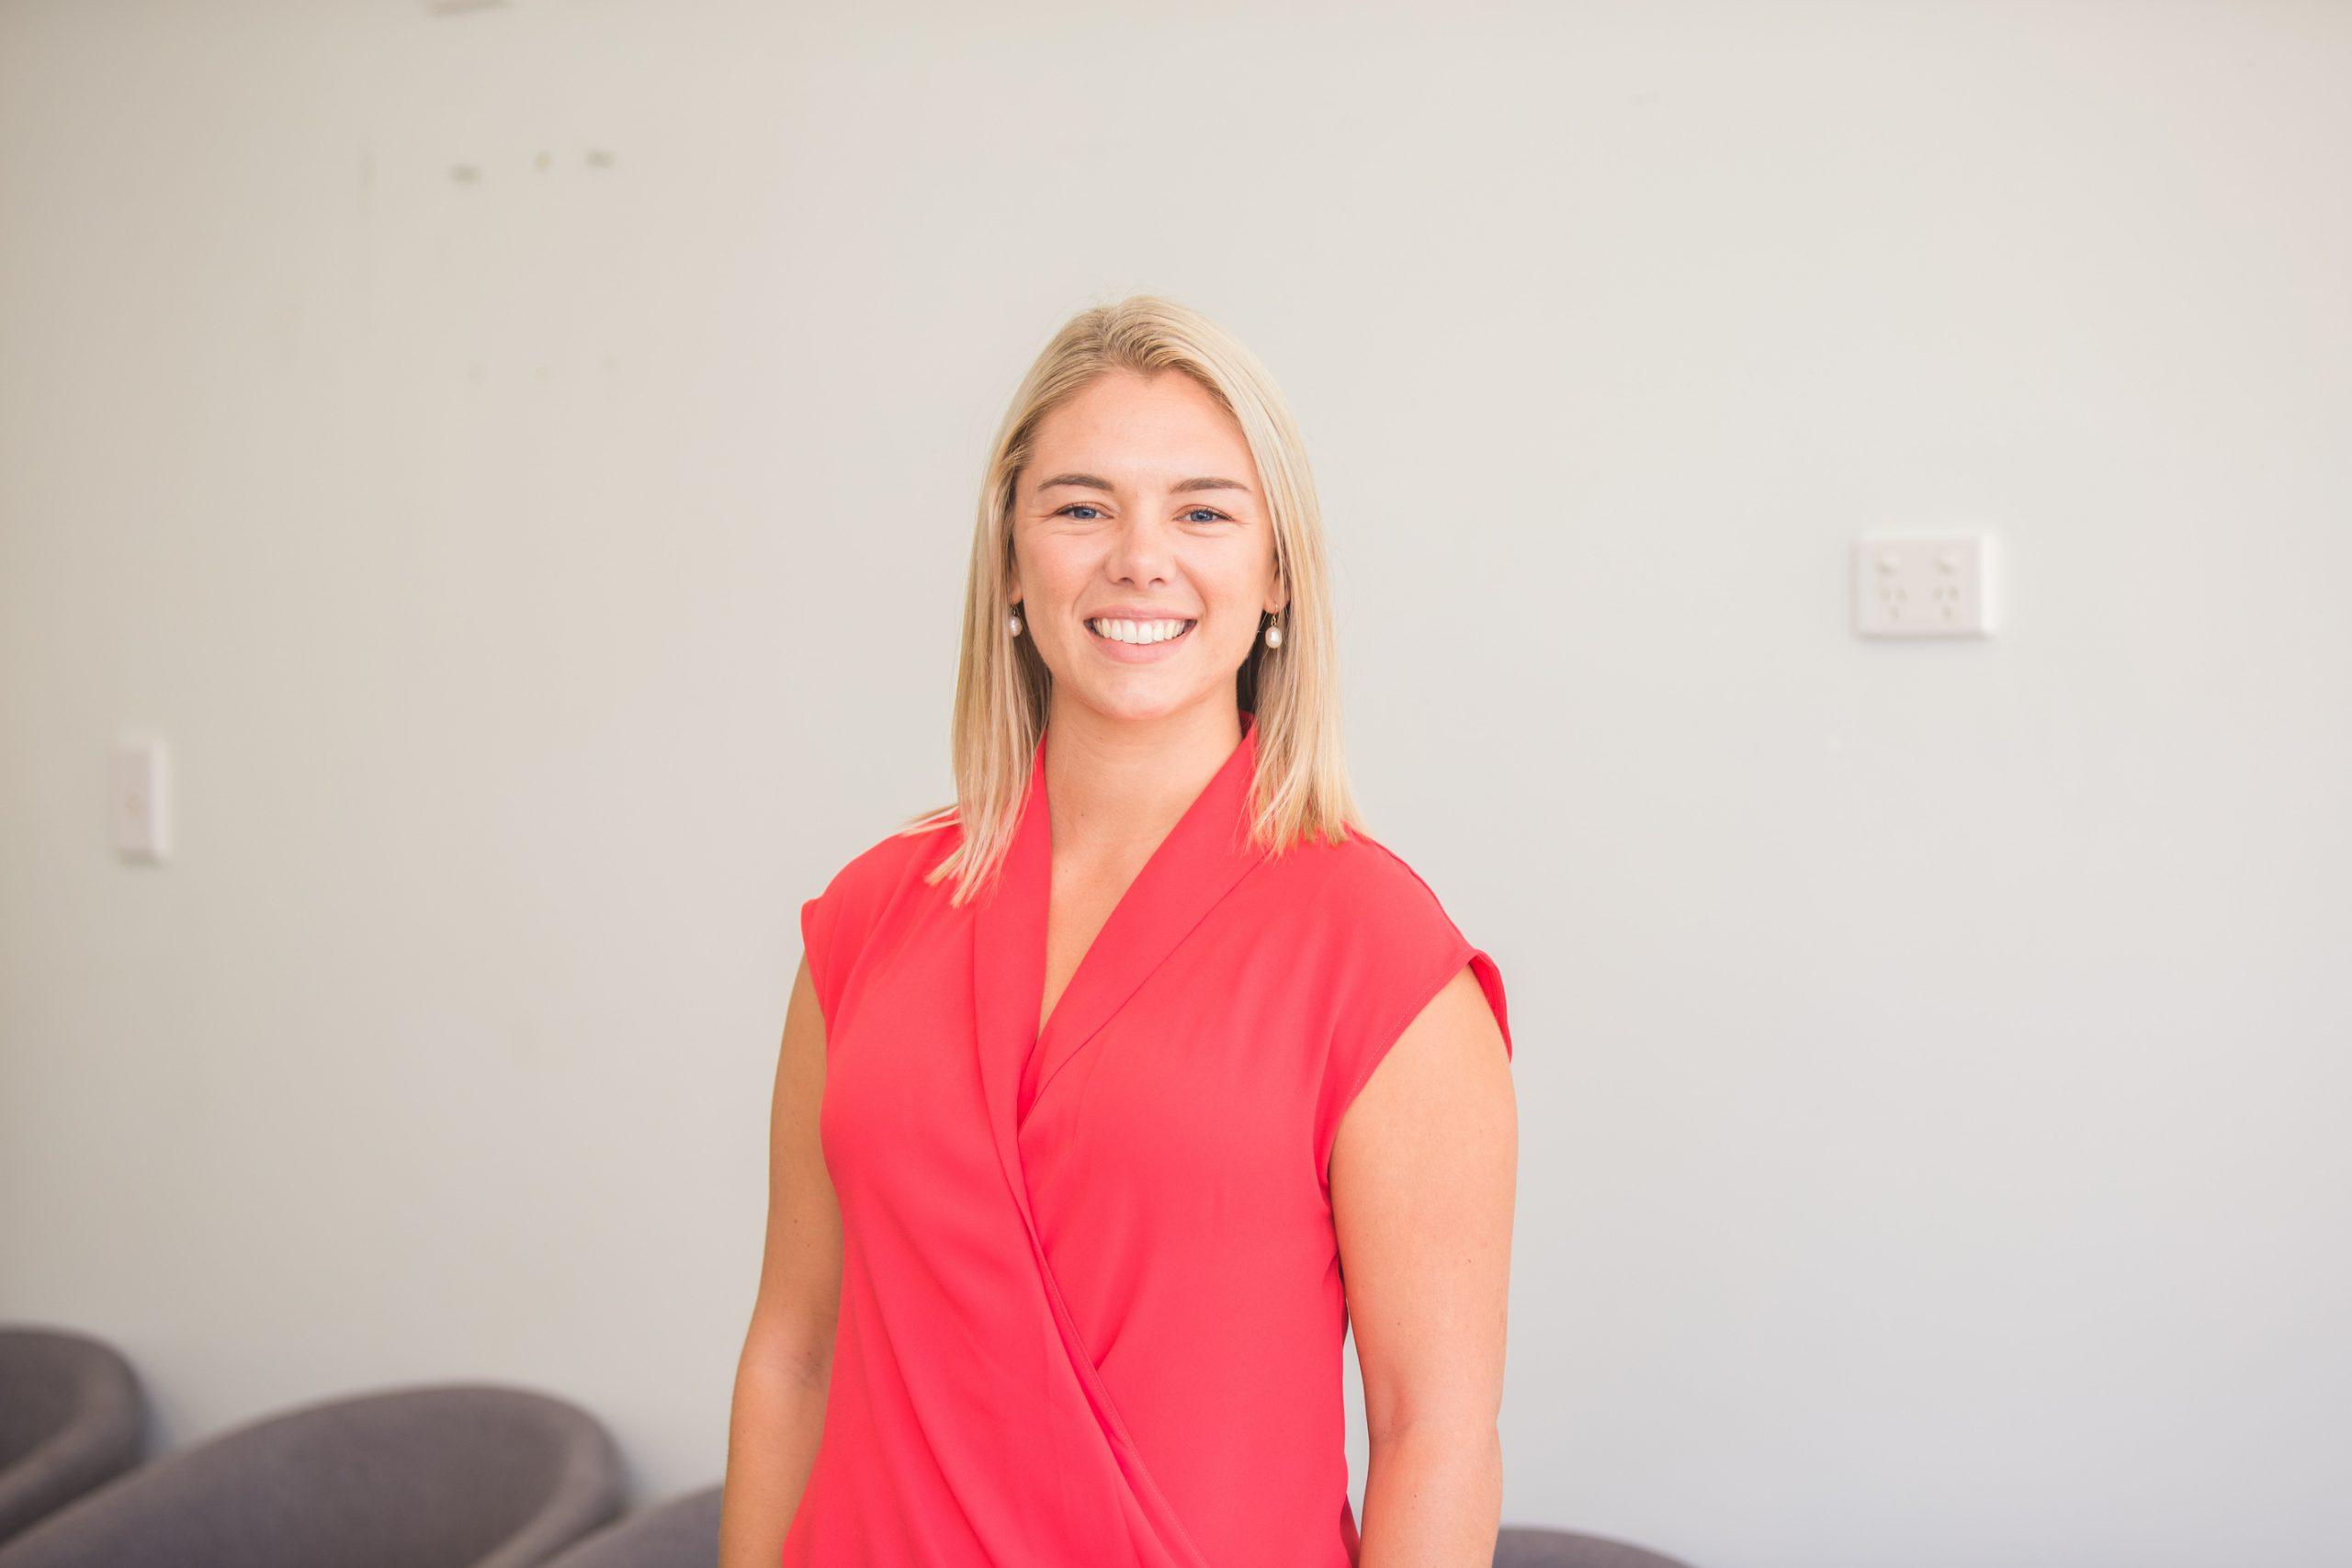 Dr Lucy Youren - Owner of Total Health Chiropractic